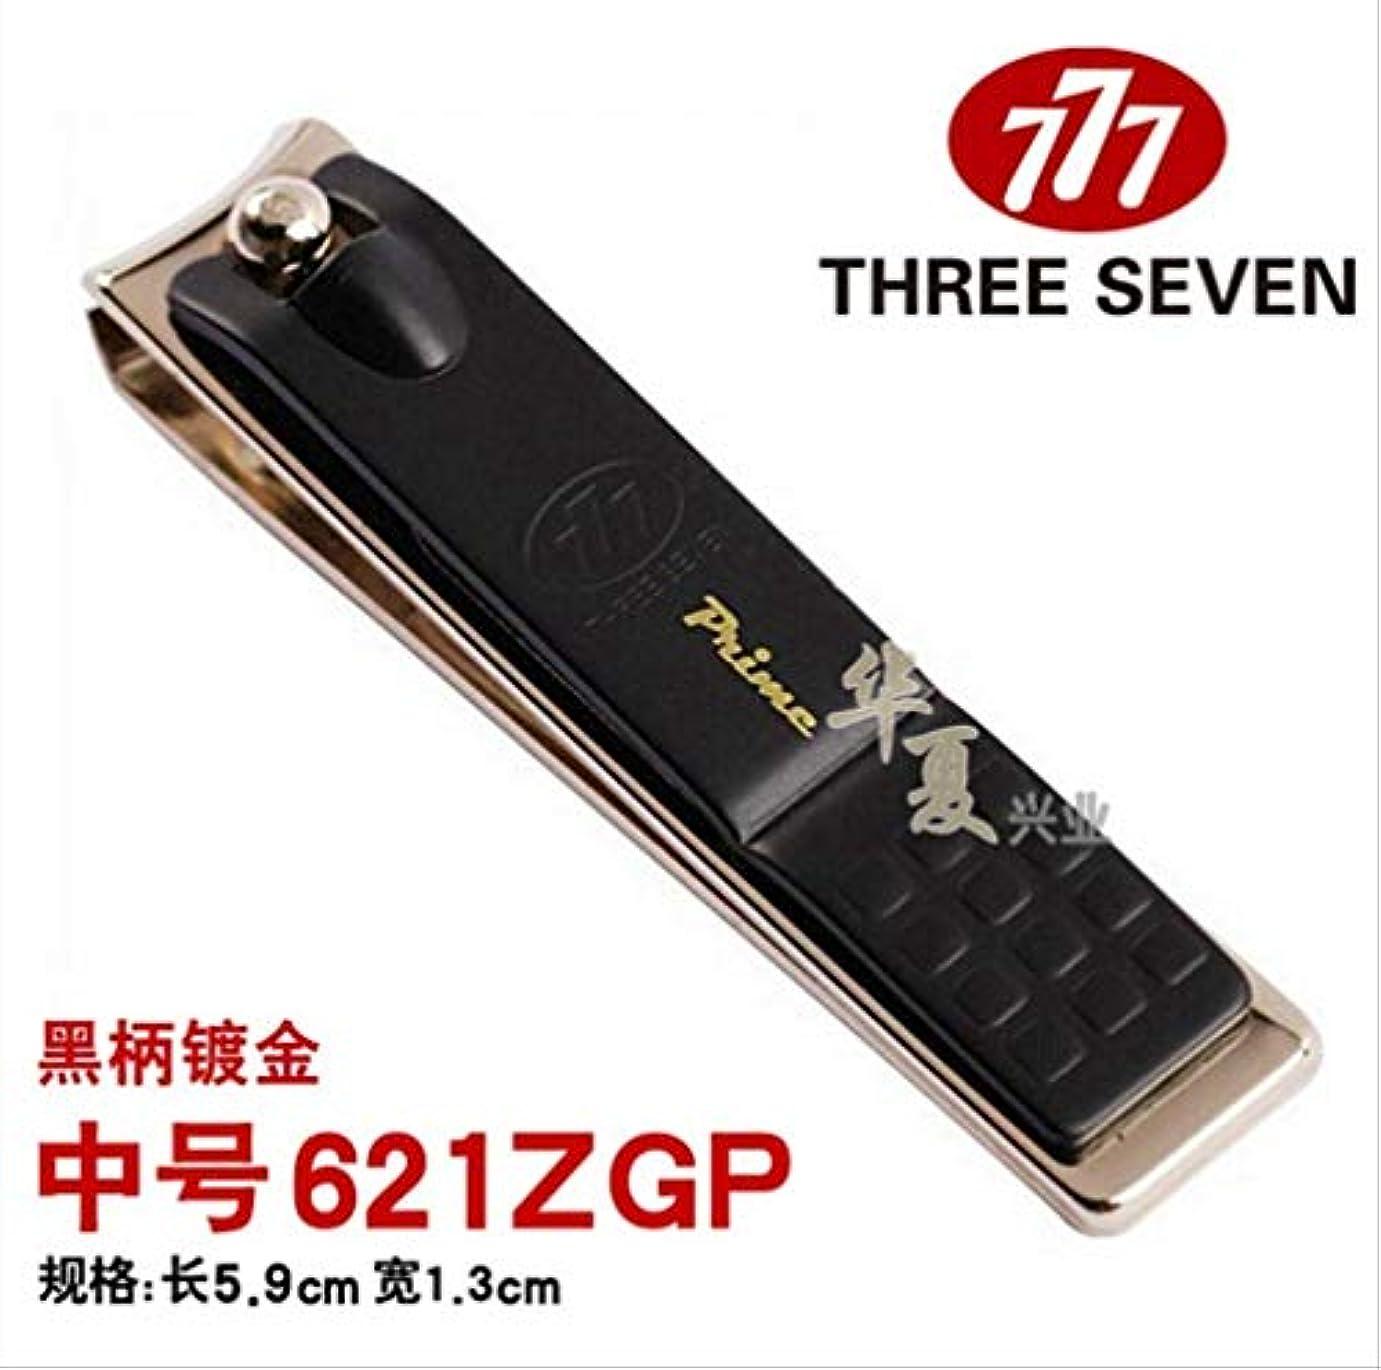 ゲート言い聞かせるやりすぎ韓国777爪切りはさみ元平口斜め爪切り小さな爪切り大本物 N-621ZGP